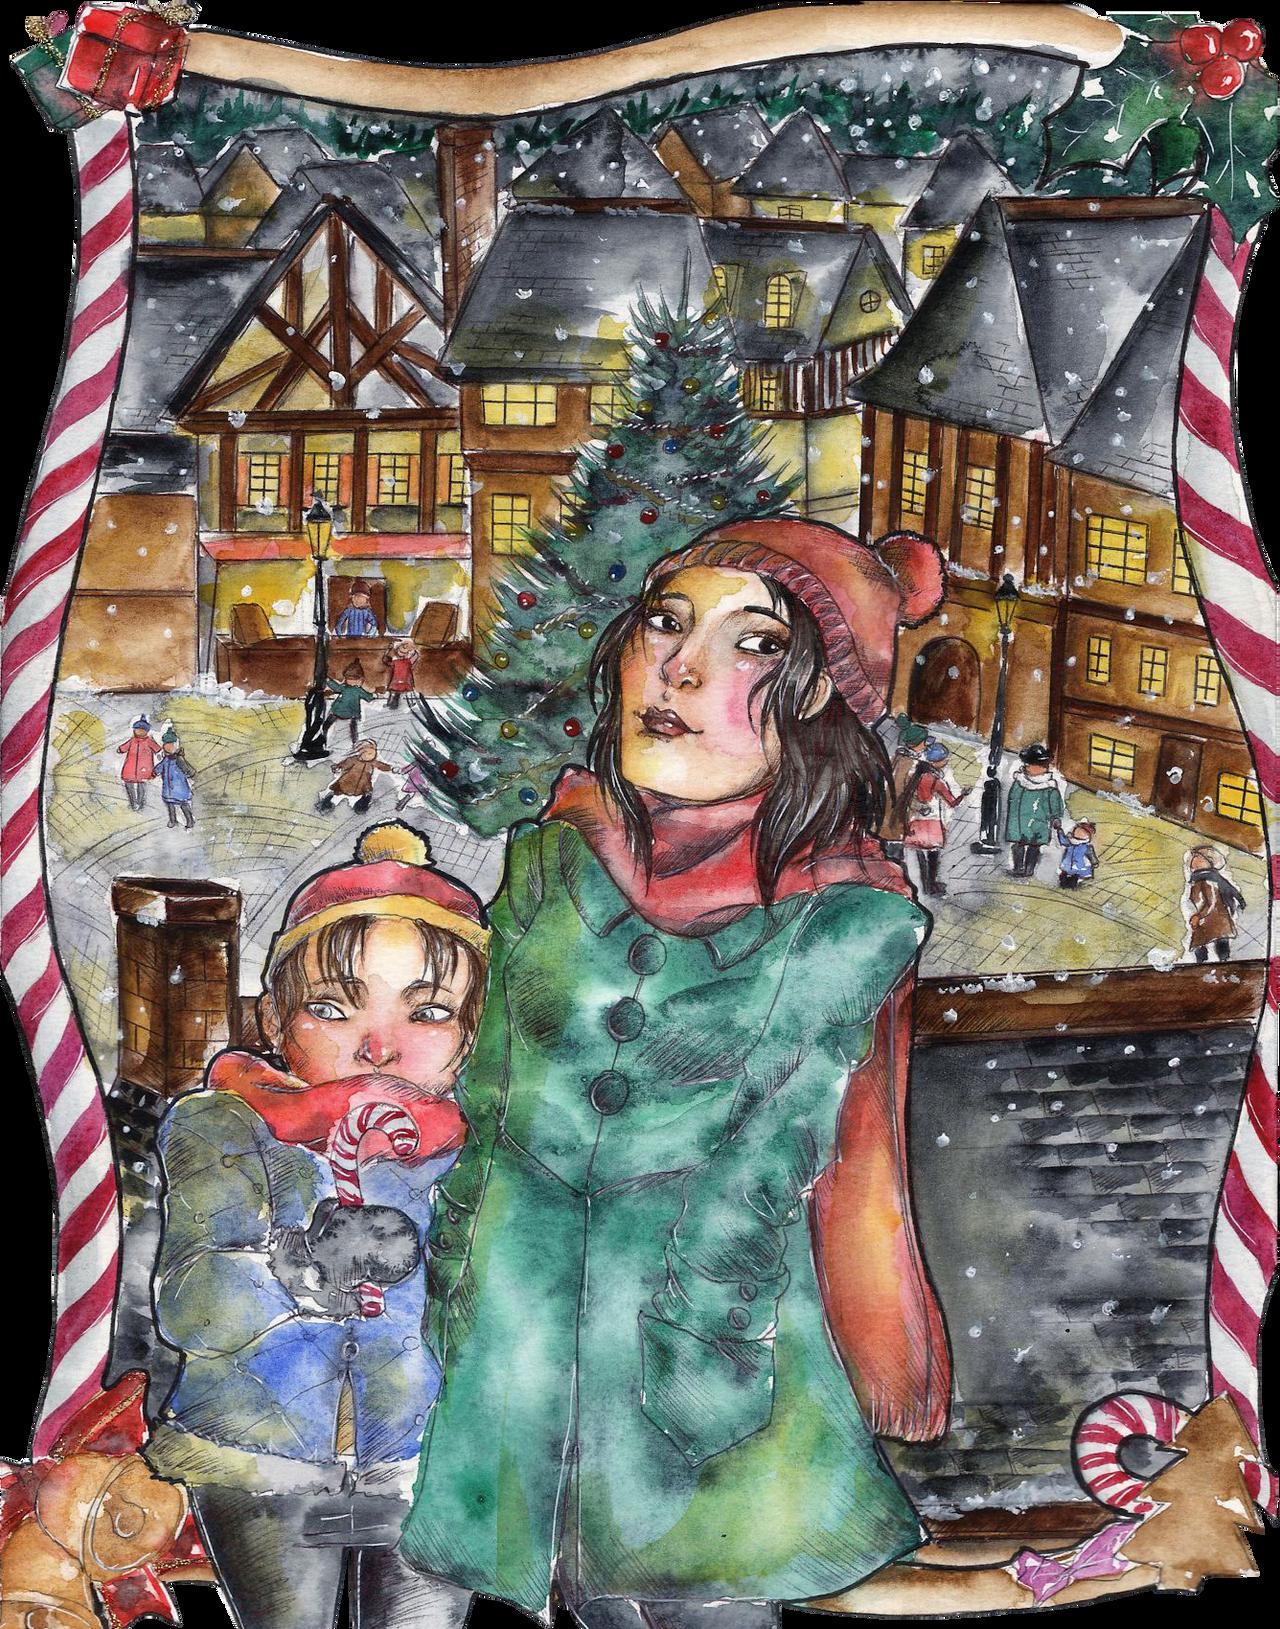 Winter Challenge : Winter Village by caterpillar96